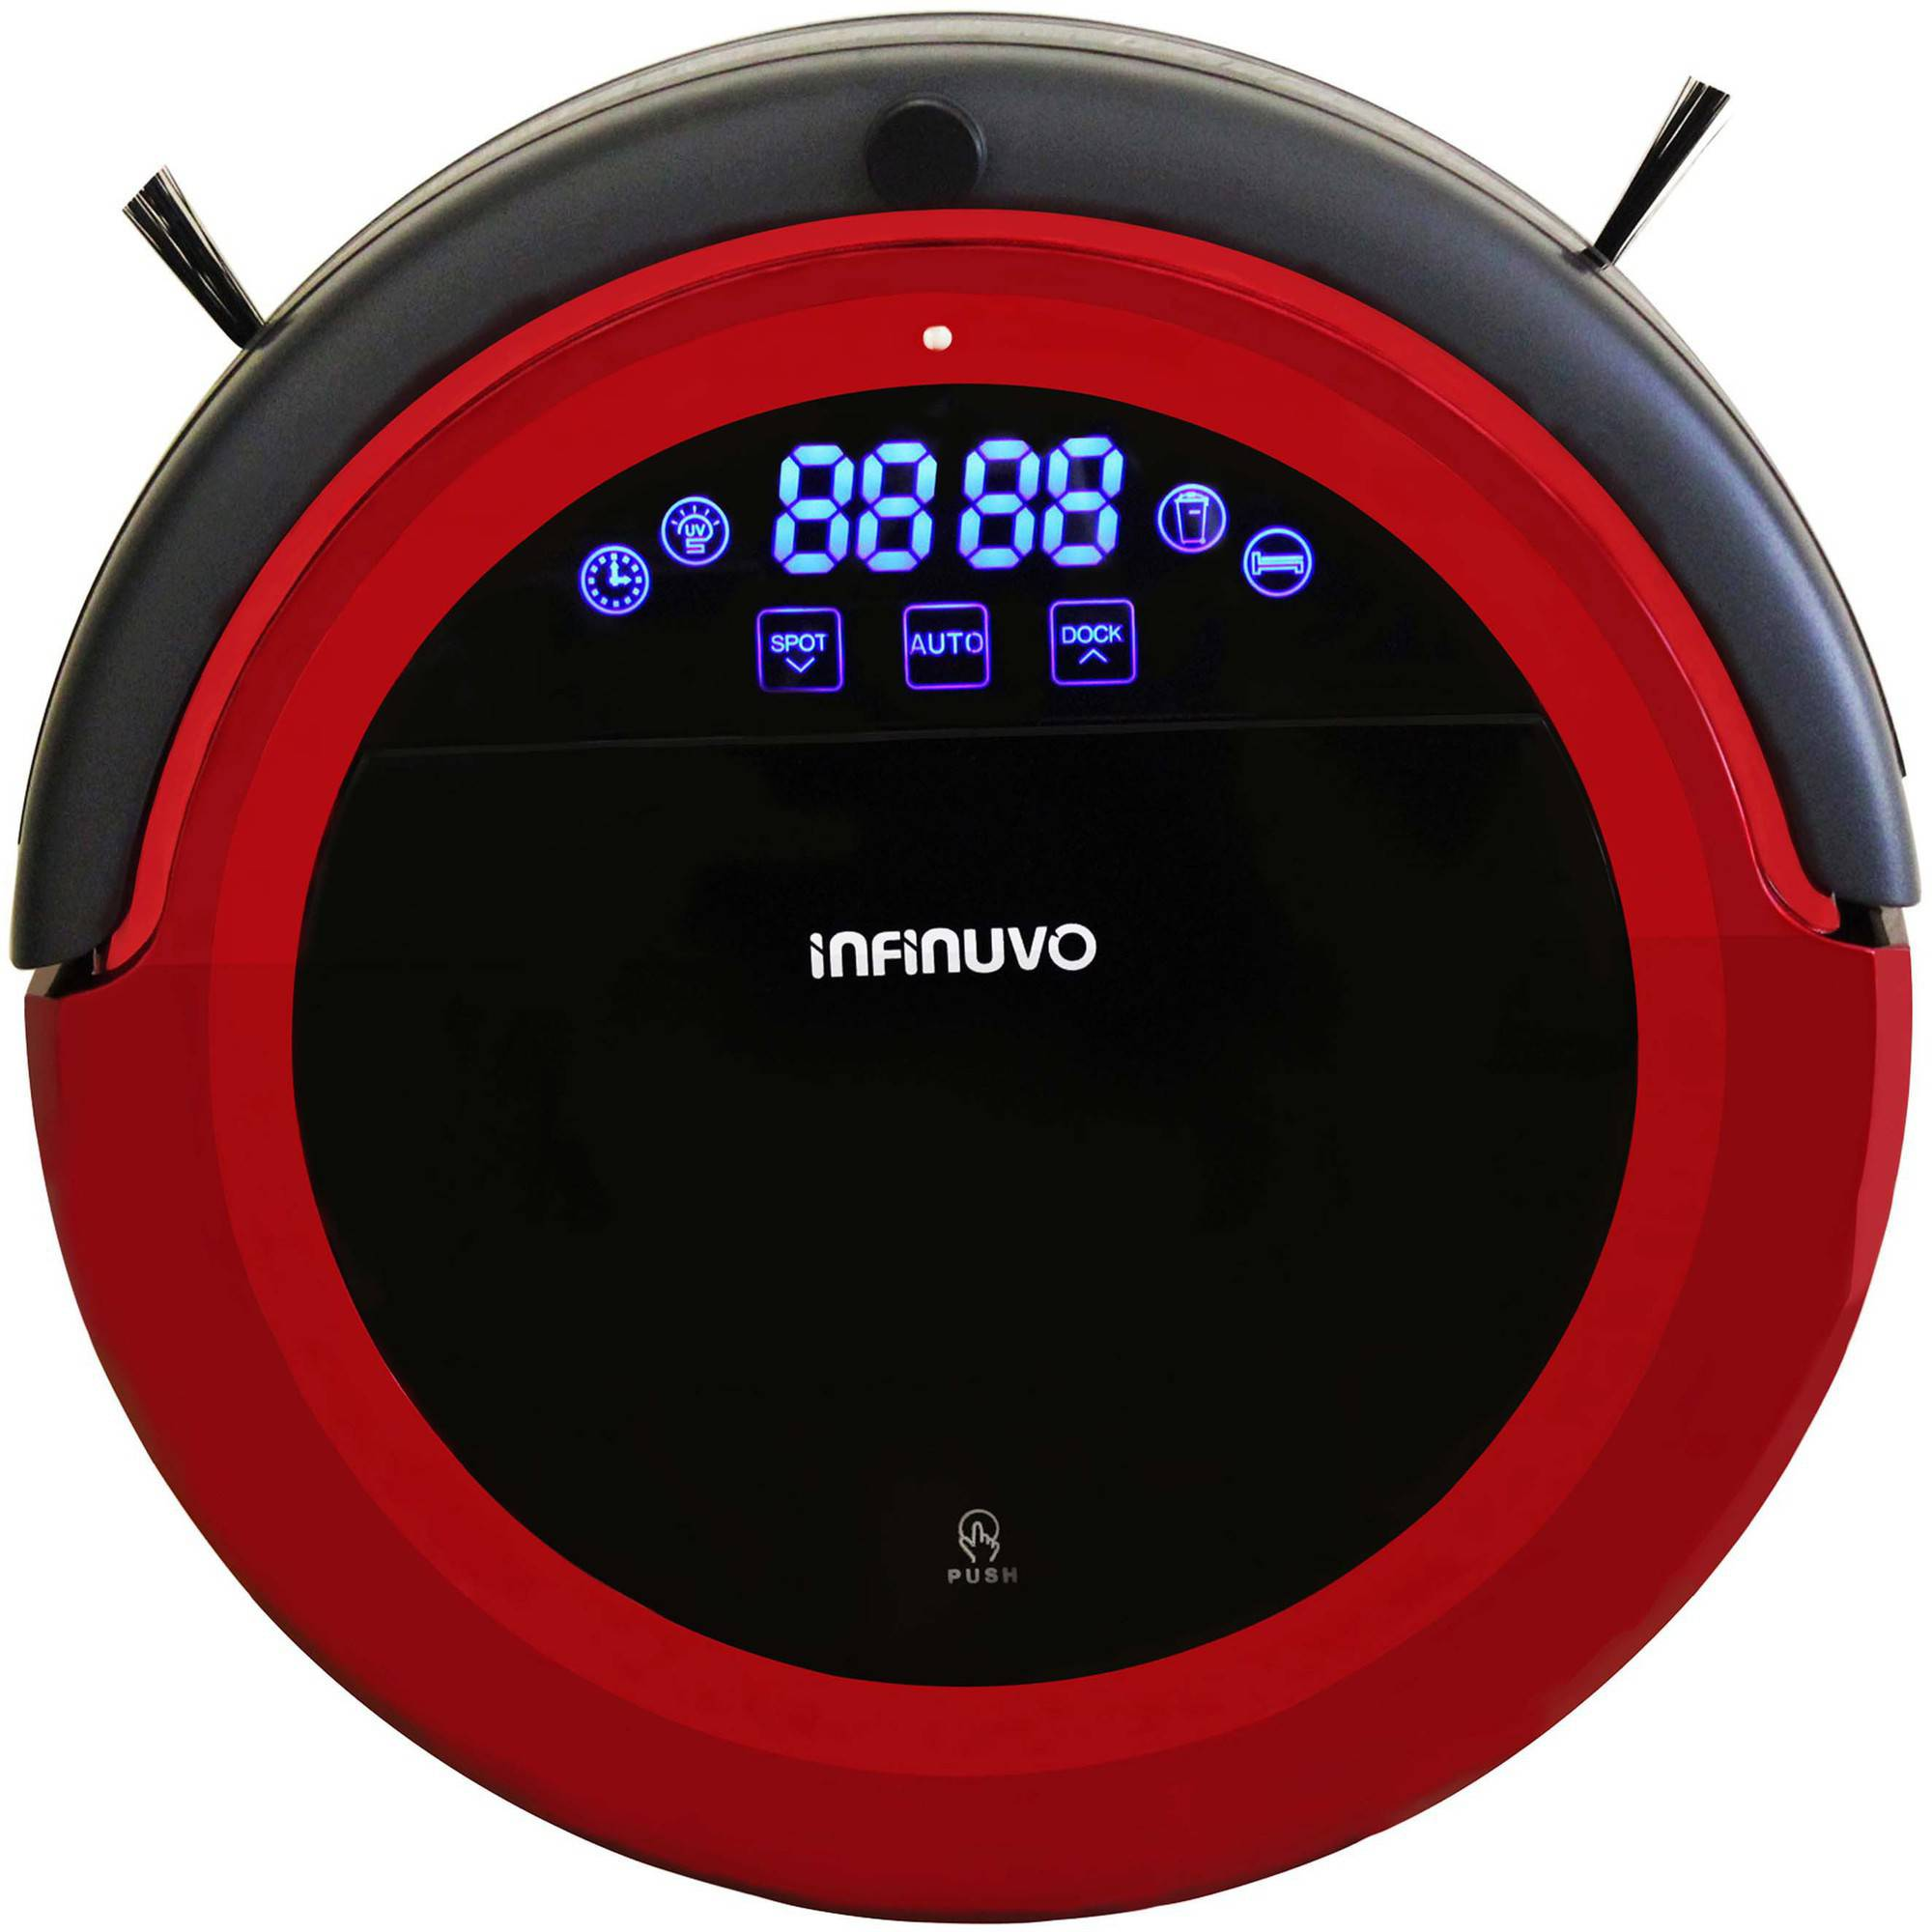 infinuvo - Robot Vacuums